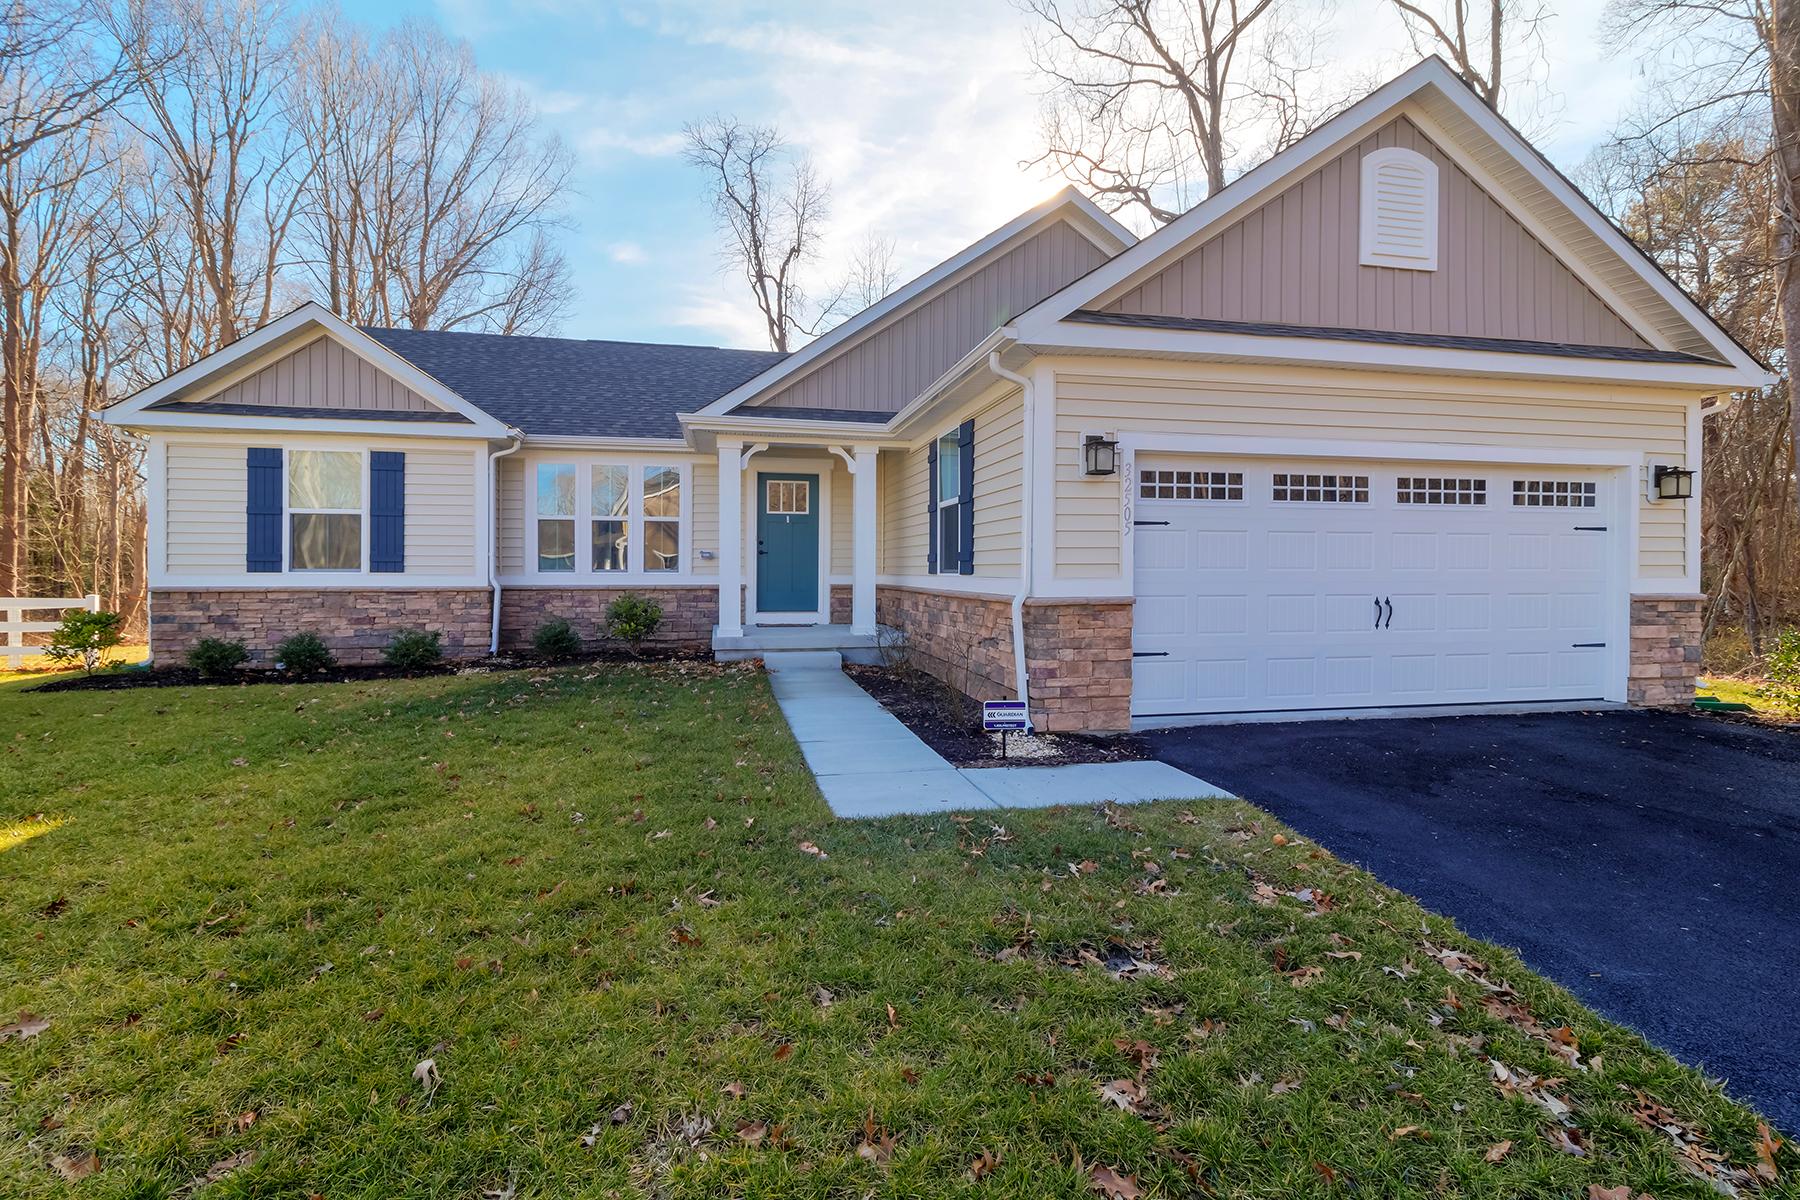 Villa per Vendita alle ore 32505 W Haven Wood Dr , Frankford, DE 19945 Frankford, Delaware 19945 Stati Uniti